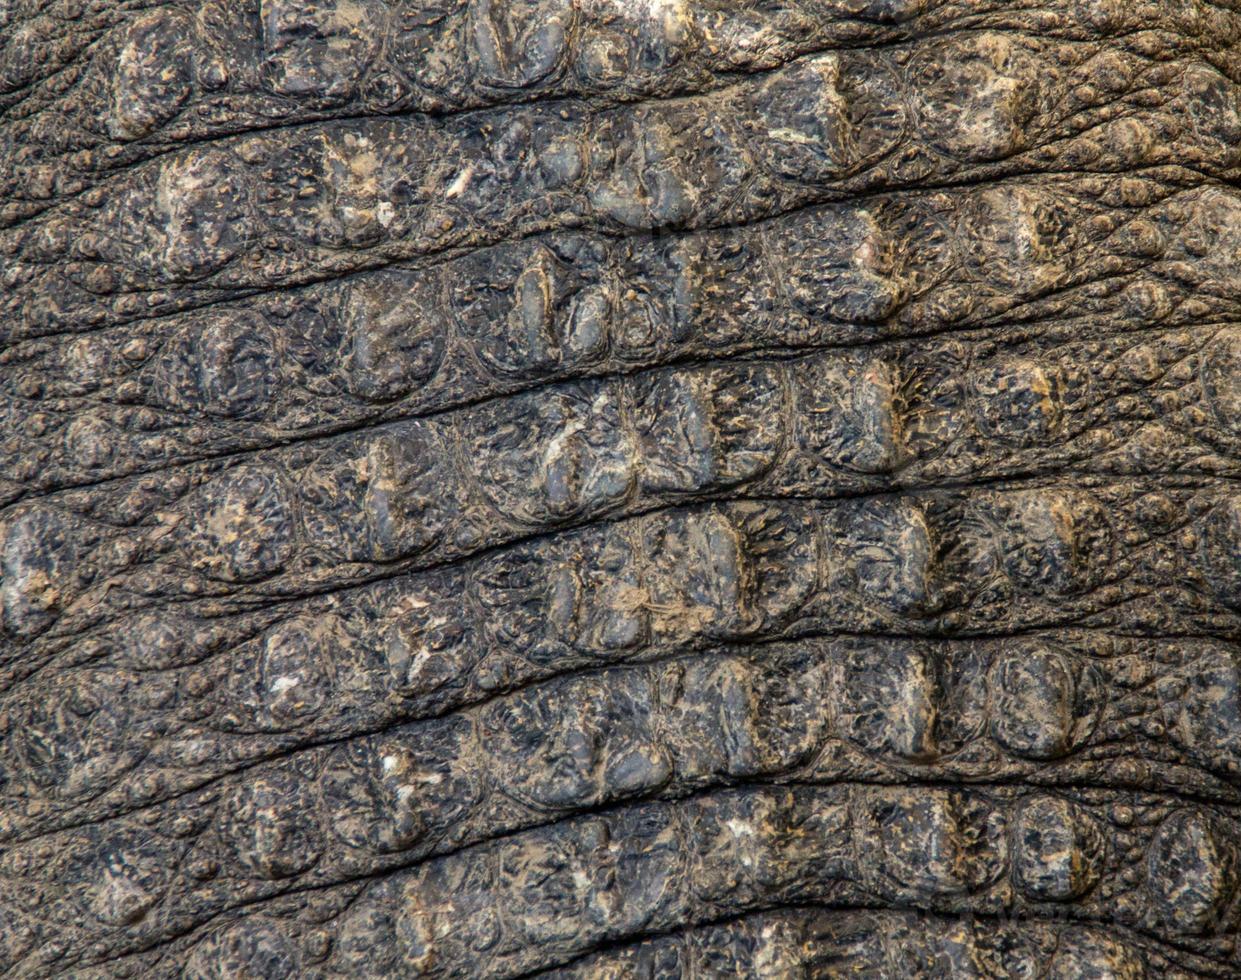 das Krokodil für Textur foto